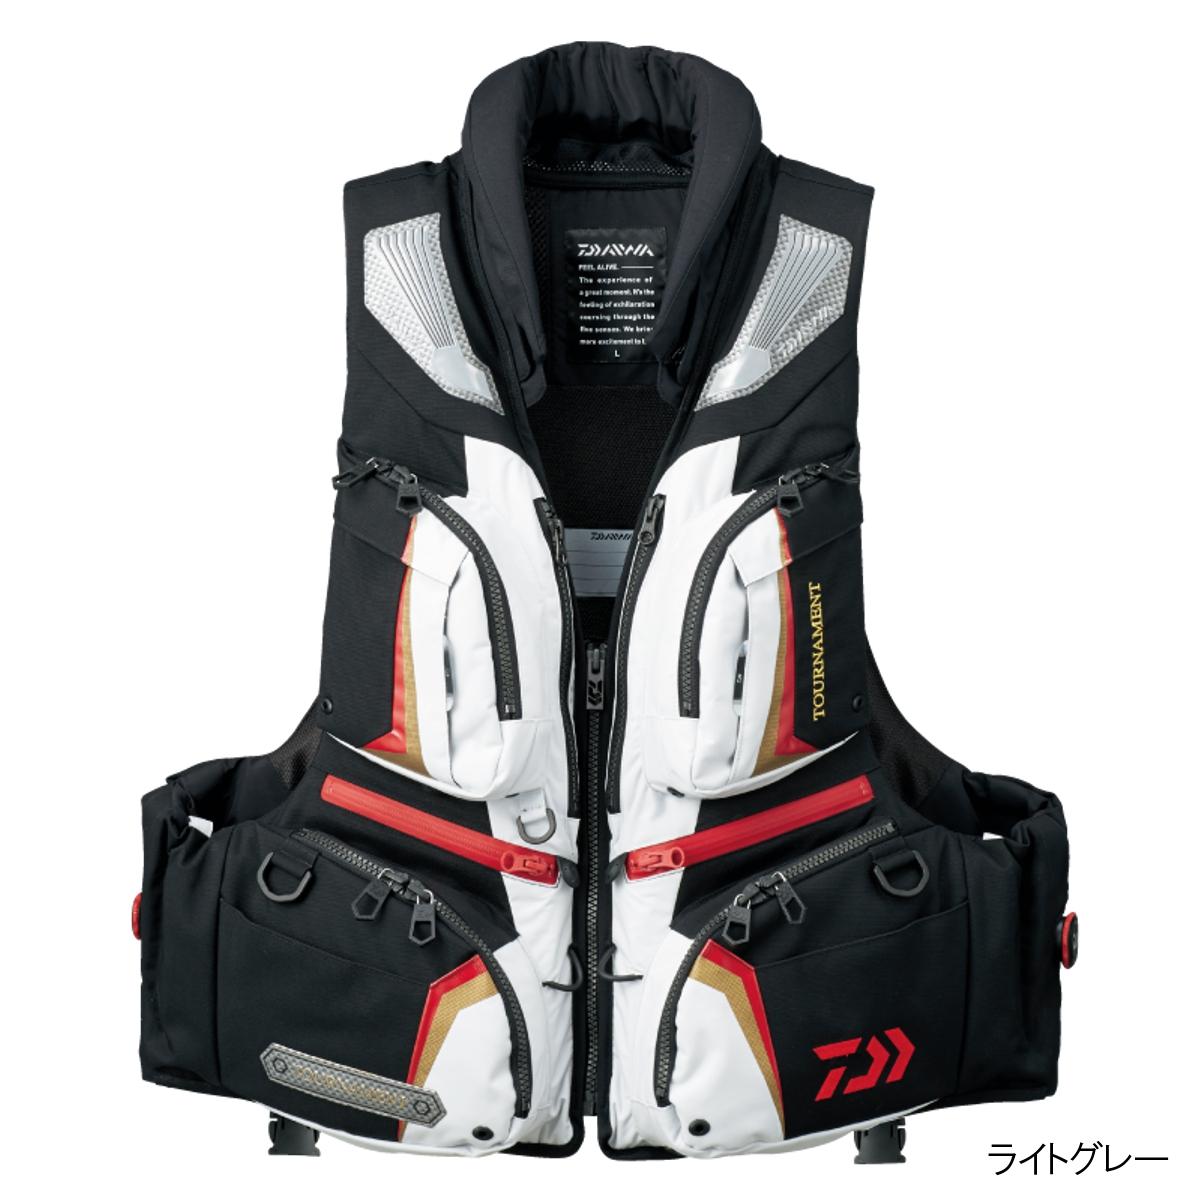 ダイワ トーナメント バリアテック 枕つきサイバーフロート DF-3107 L ライトグレー